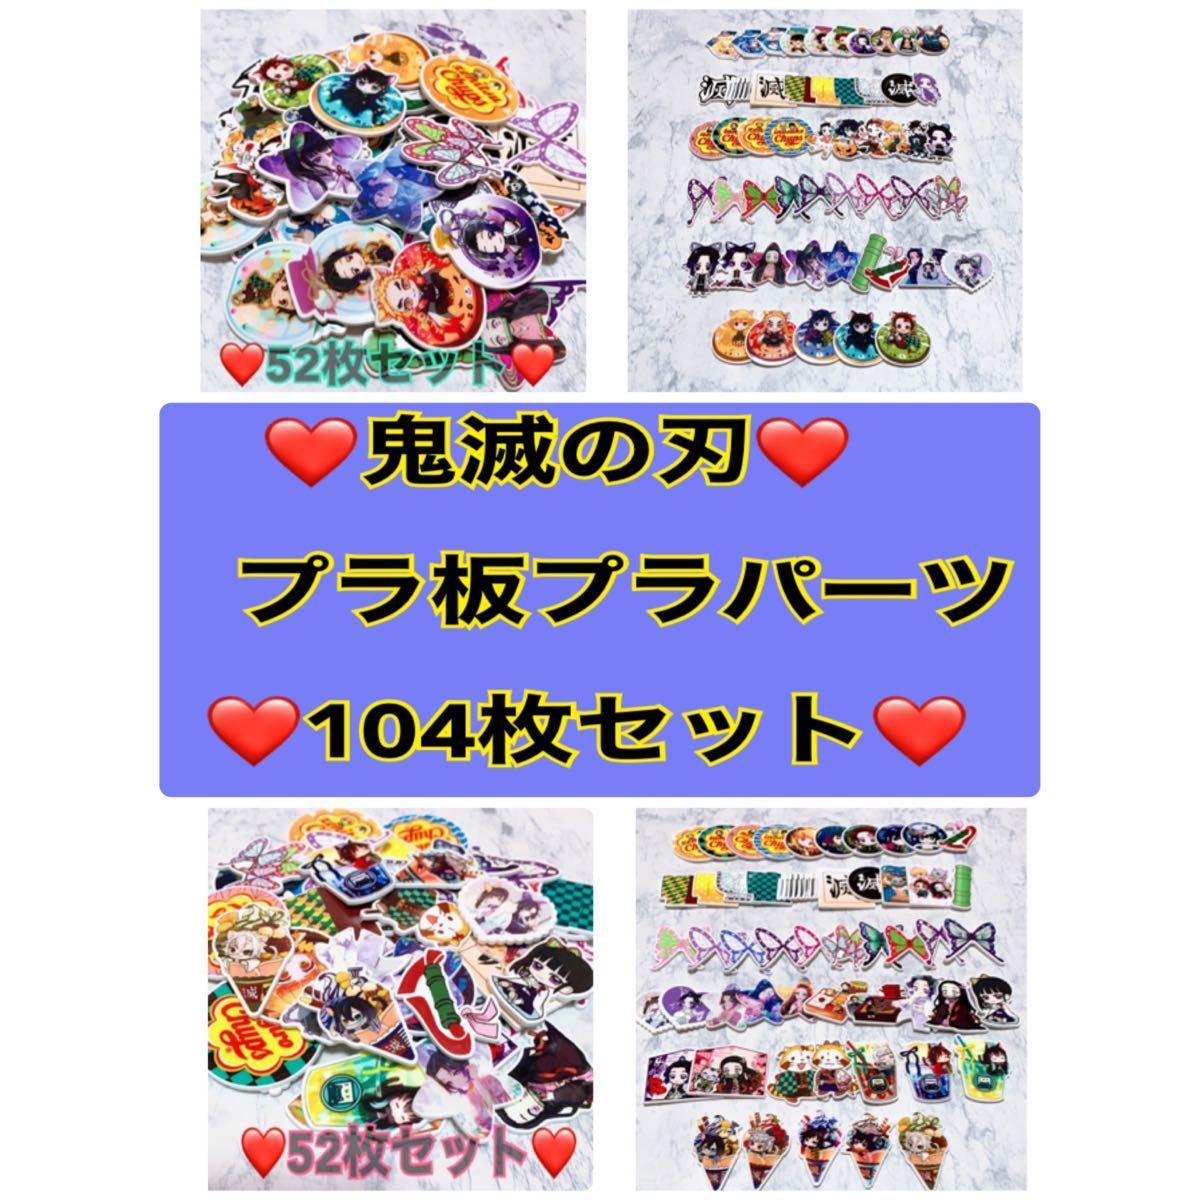 鬼滅の刃プラ板 プラパーツ 104枚!!セット!ハンドメイド  資材